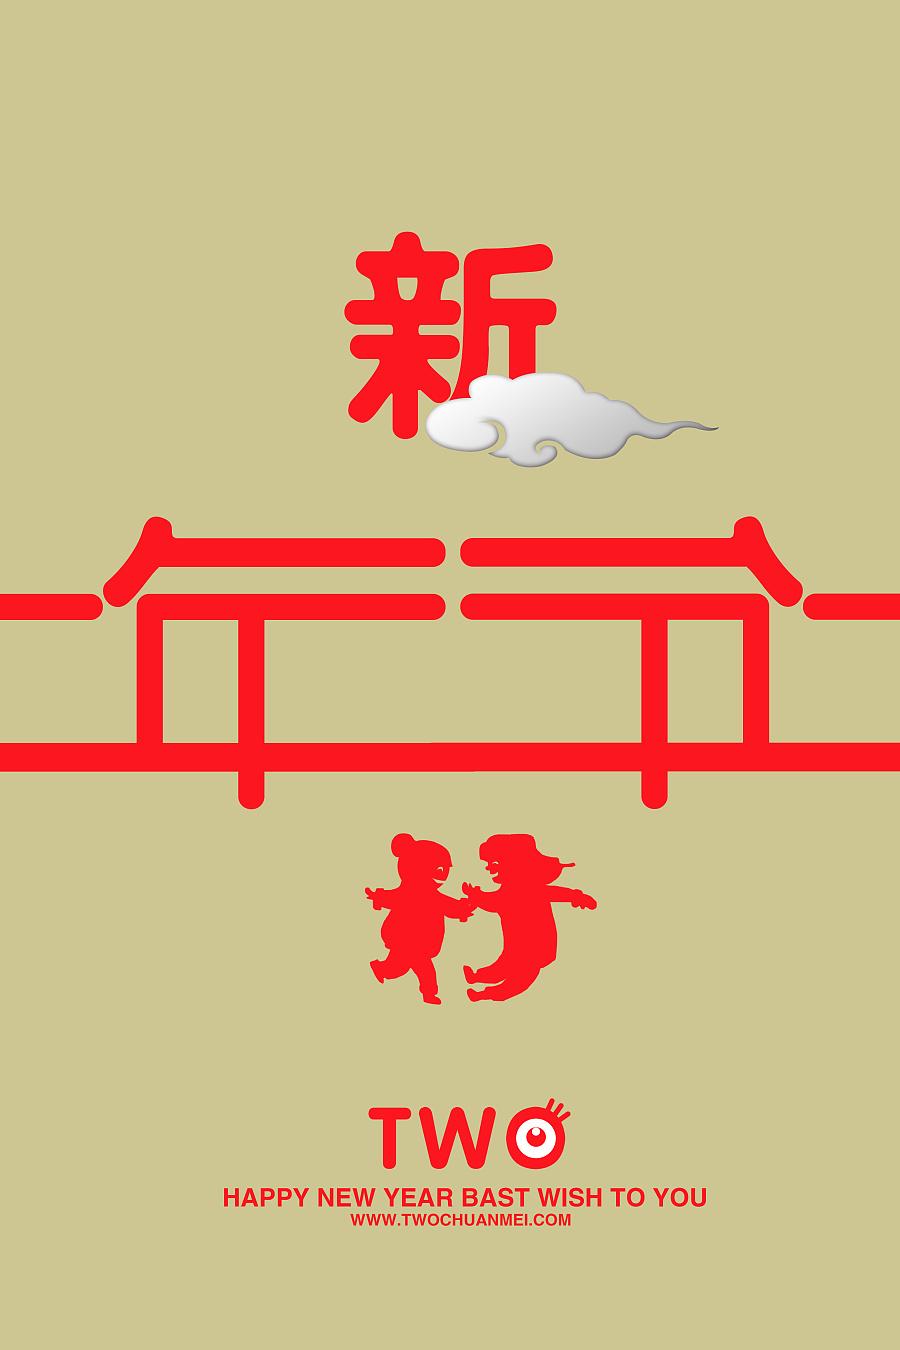 字体绘制设计|移动设备/APP区域|UI|梁xiao-原matlab变形不等式界面图片